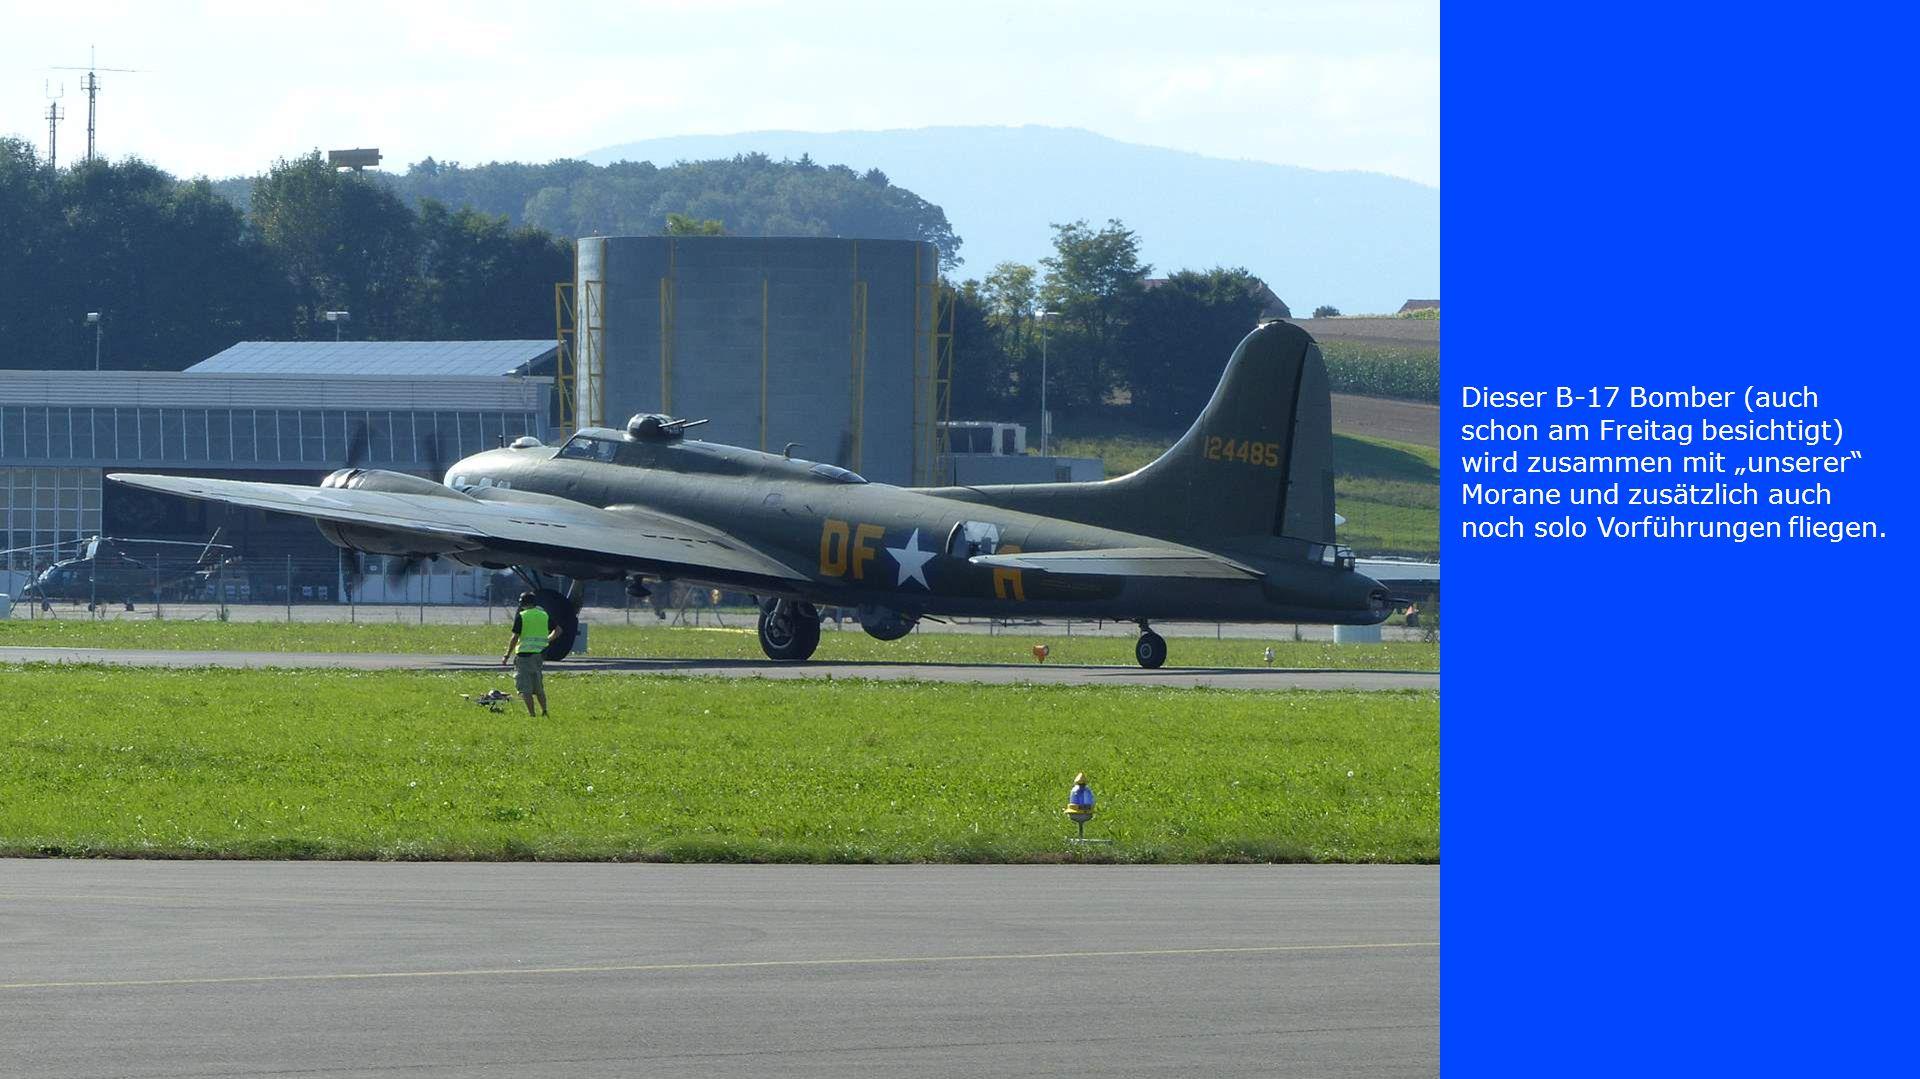 """Dieser B-17 Bomber (auch schon am Freitag besichtigt) wird zusammen mit """"unserer Morane und zusätzlich auch noch solo Vorführungen fliegen."""